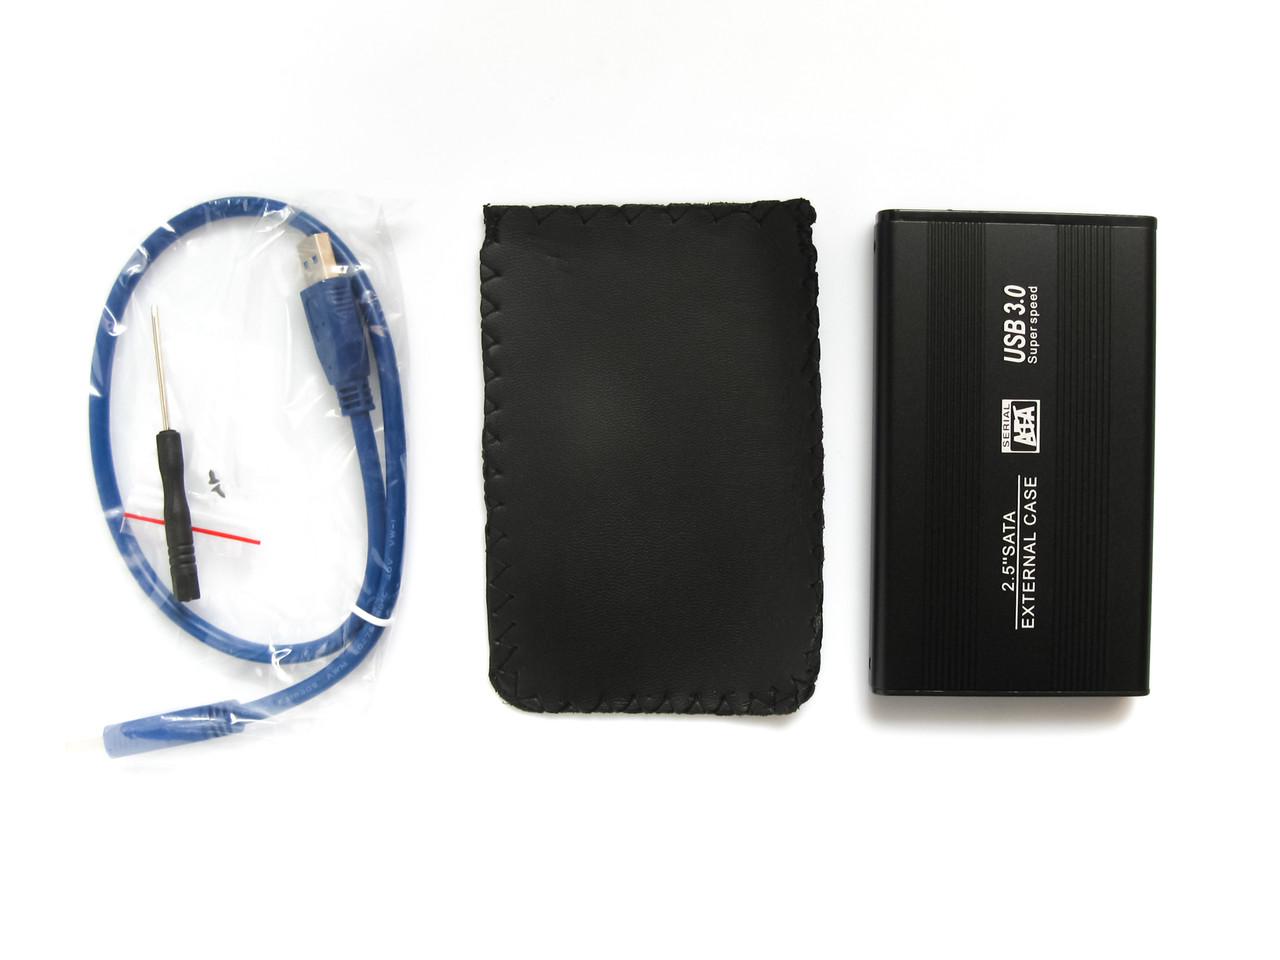 Внешний карман для HDD 2.5 дюймов, USB 3.0 - SATA, TRY TB-S254U3, до 3 TB, алюминий